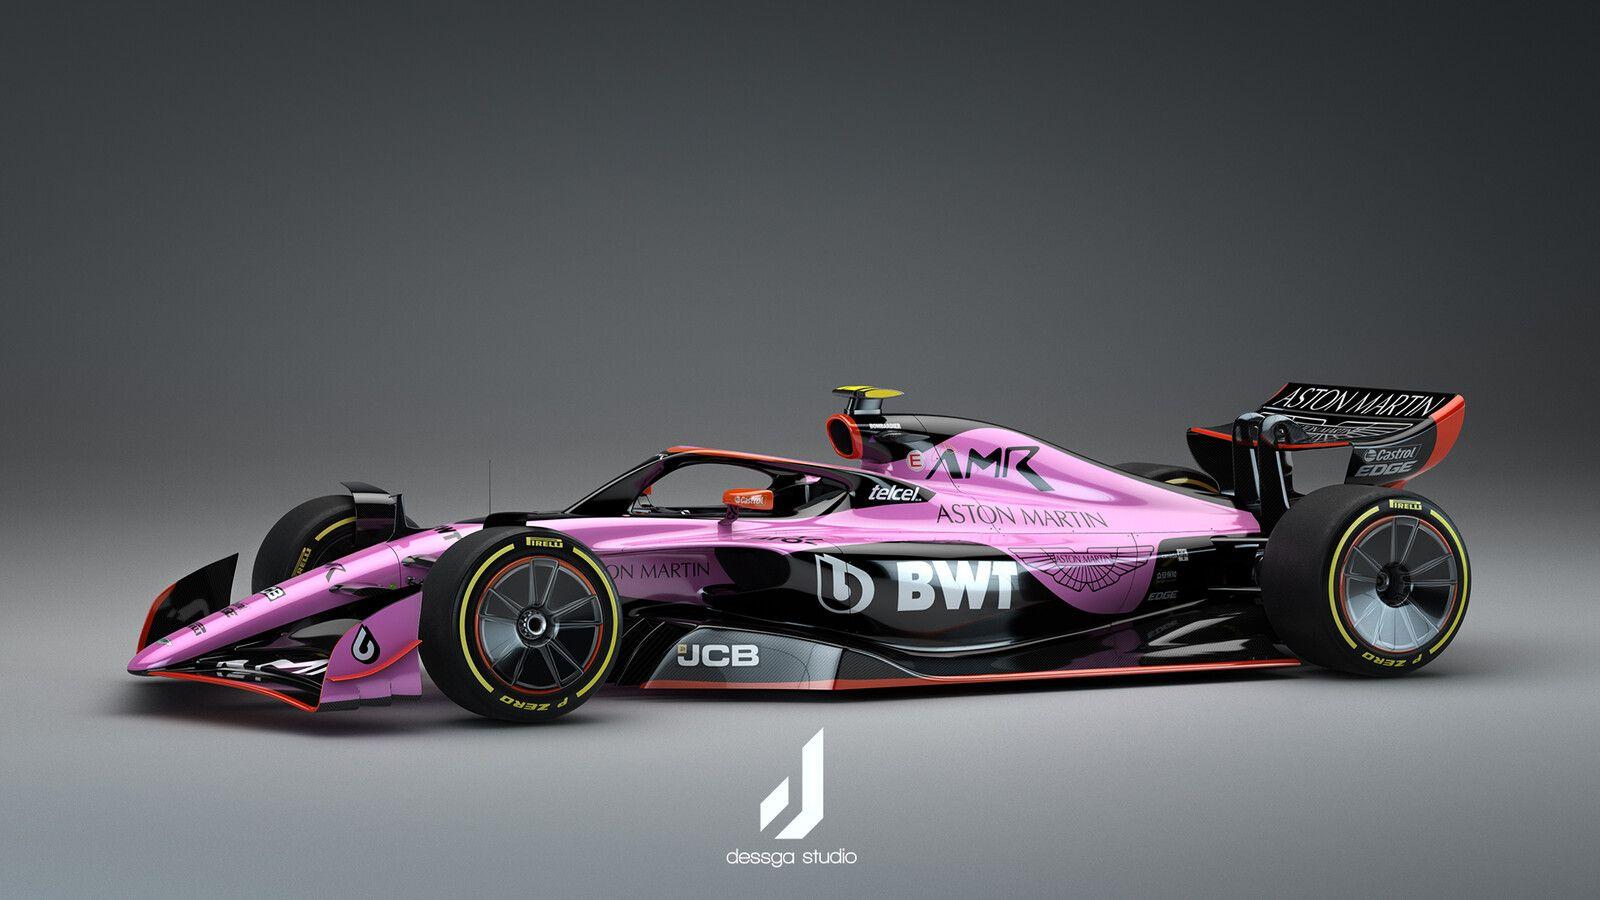 Dessga Arturo Garcia Aston Martin Formula 1 2022 Livery Concepts In 2021 Formula 1 Formula 1 Car Aston Martin